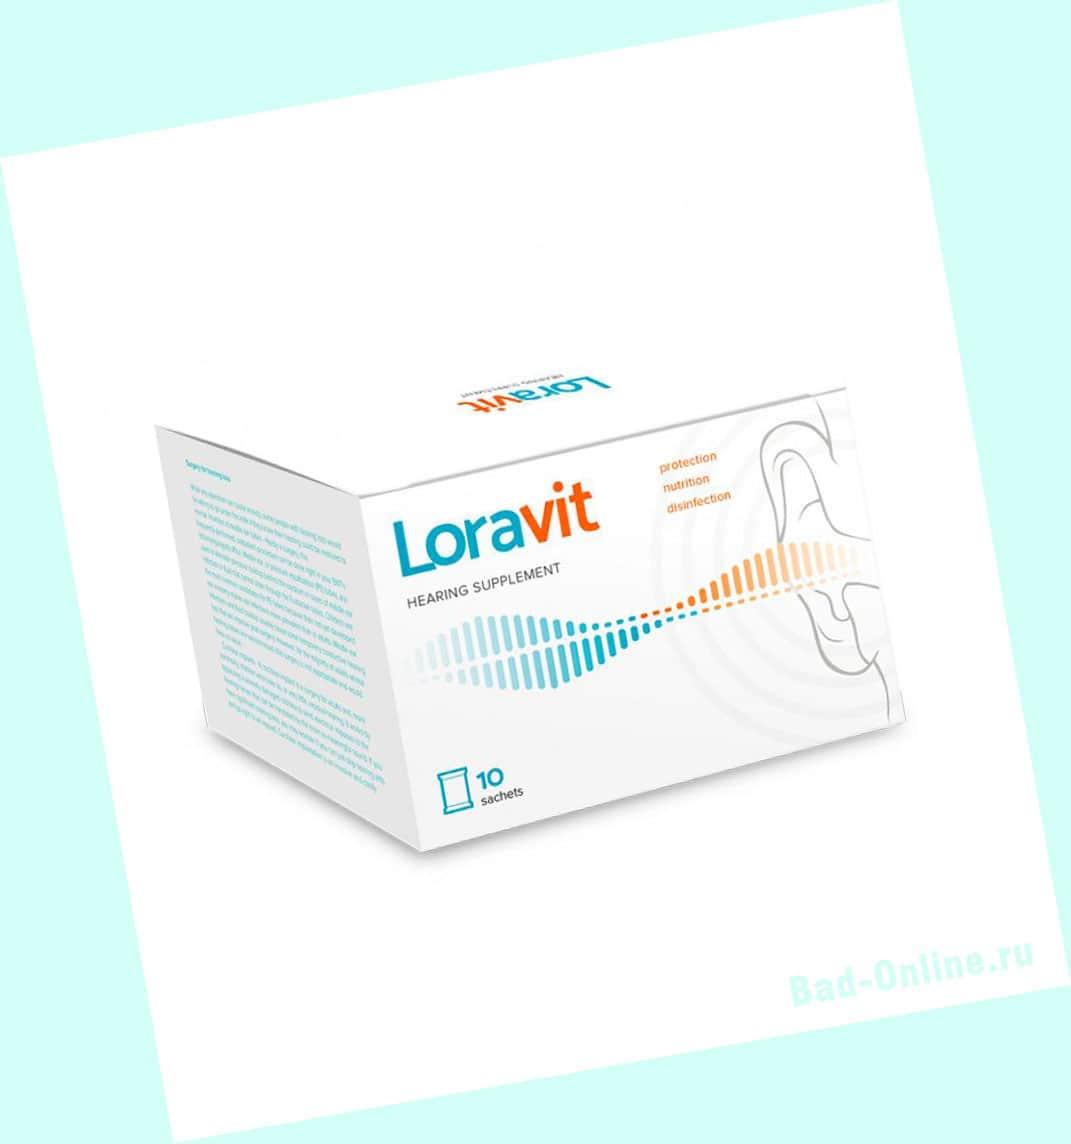 Оригинал препарата Loravit, купленный на сайте Bad-Online.ru